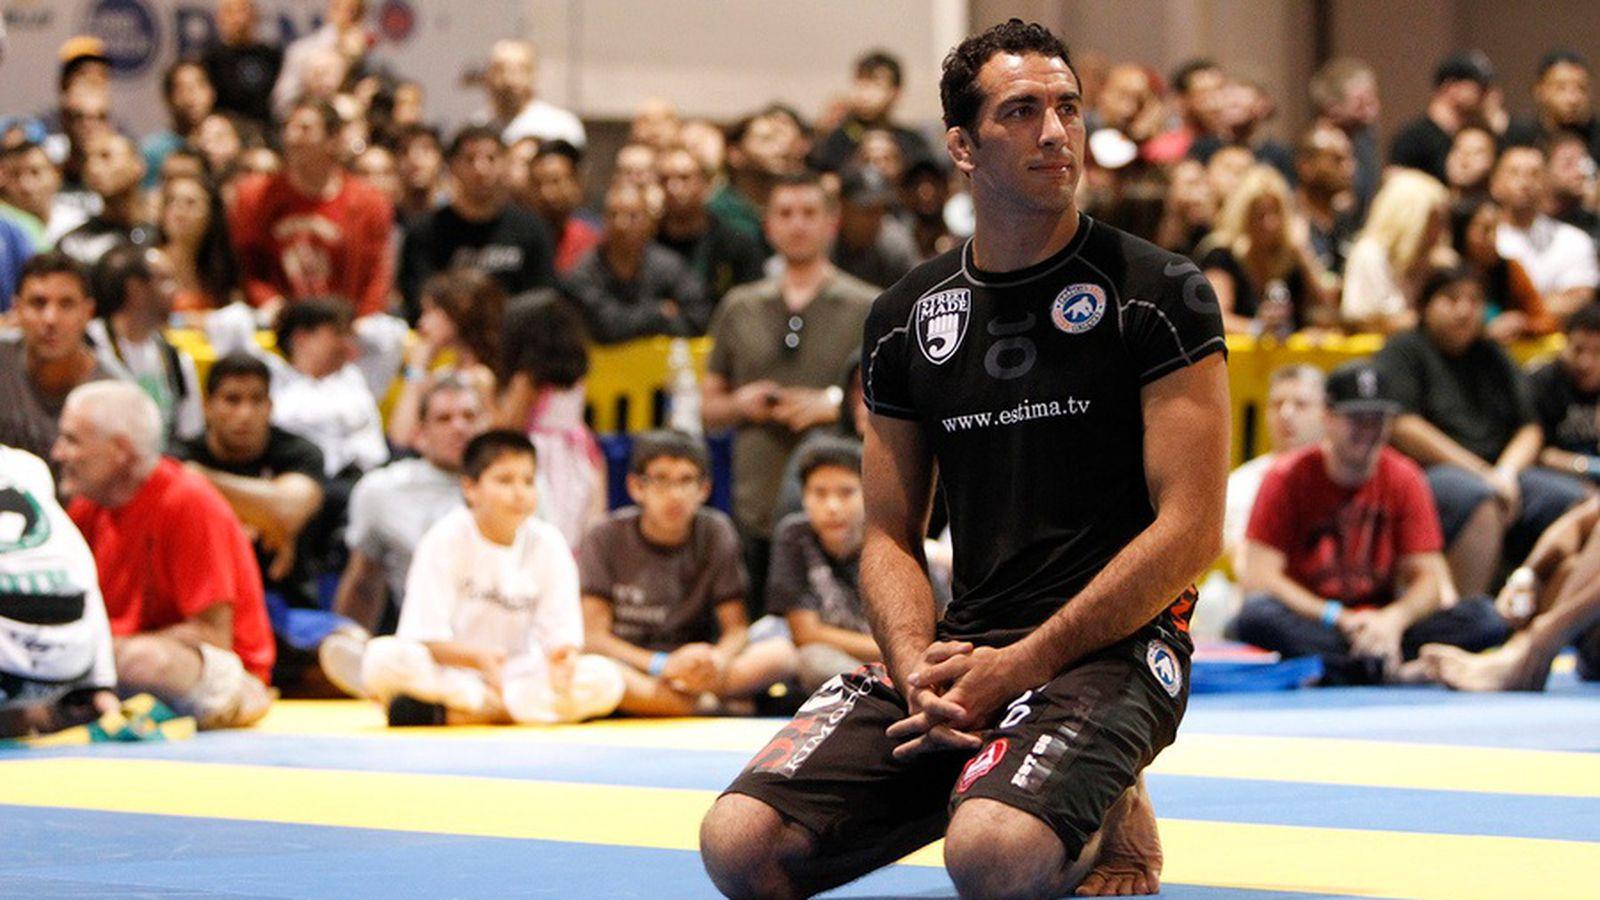 BJJ wizard Braulio Estima won't fight MMA again